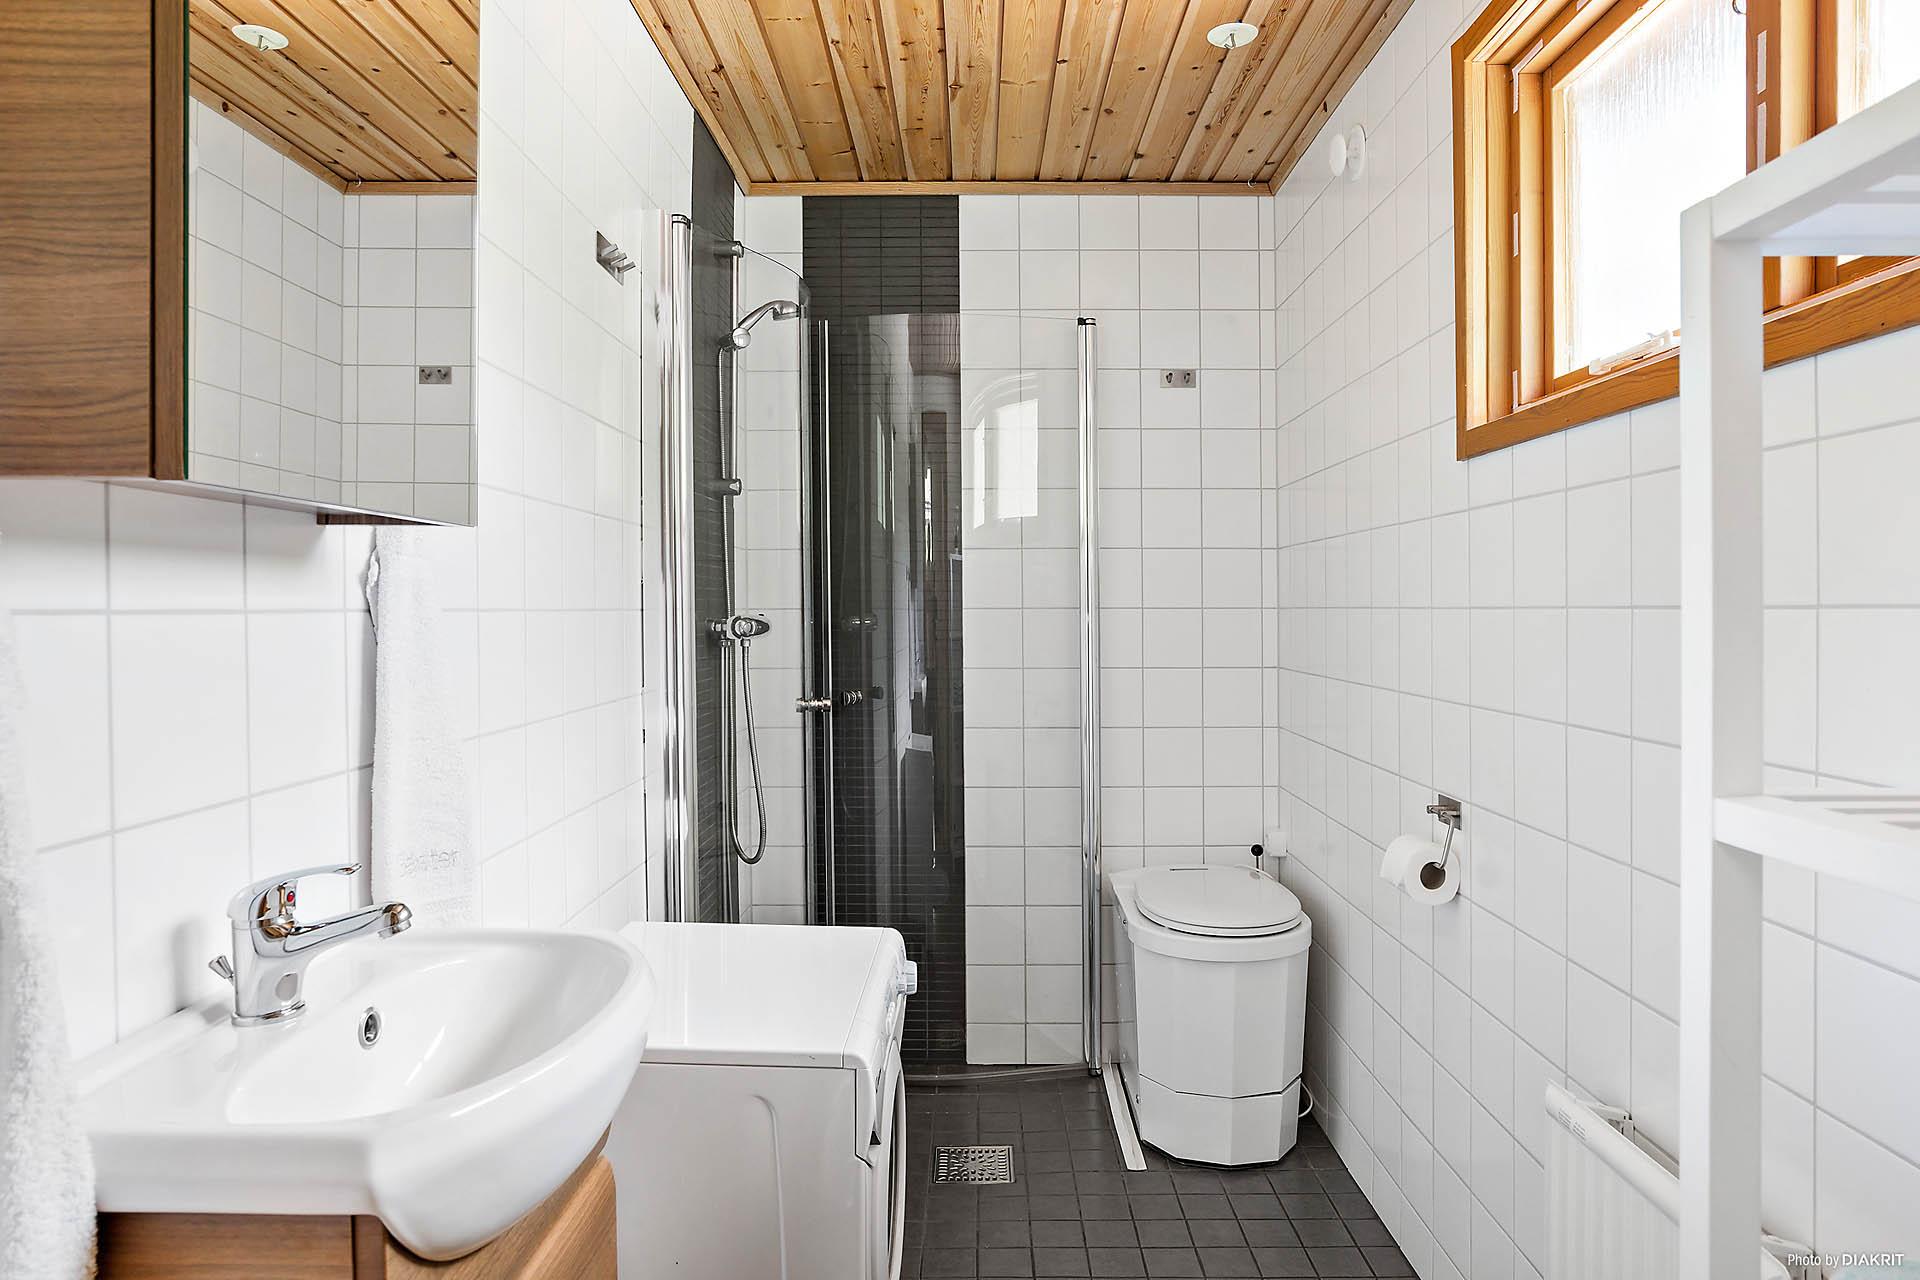 Helkaklat duschrum med förbränningstoalett och fönster